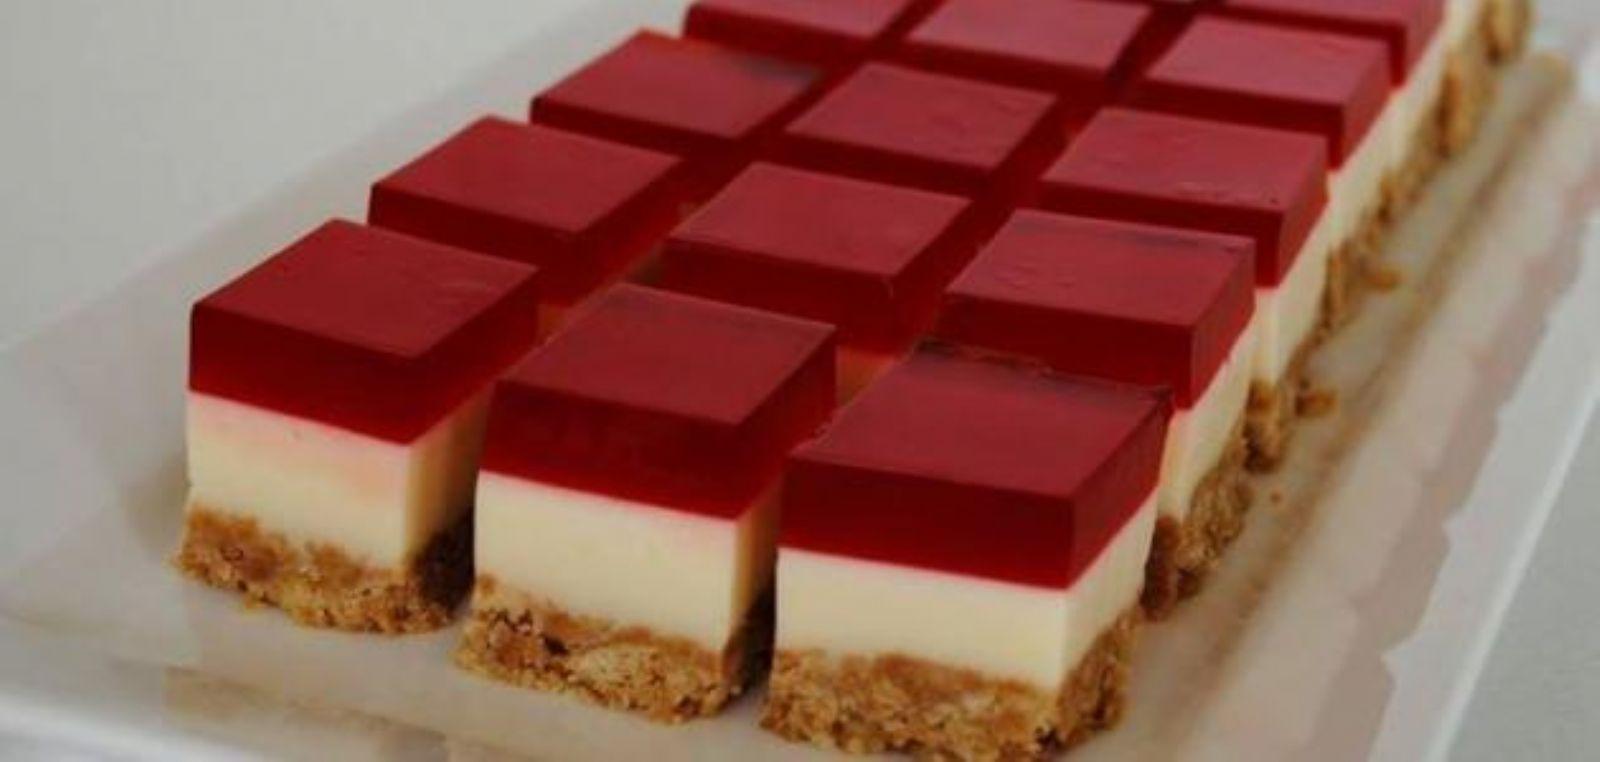 صورة طريقة عمل حلى سهل بالبسكويت , ابسط طريقة بالمنزل لعمل حلويات بالبسكوت